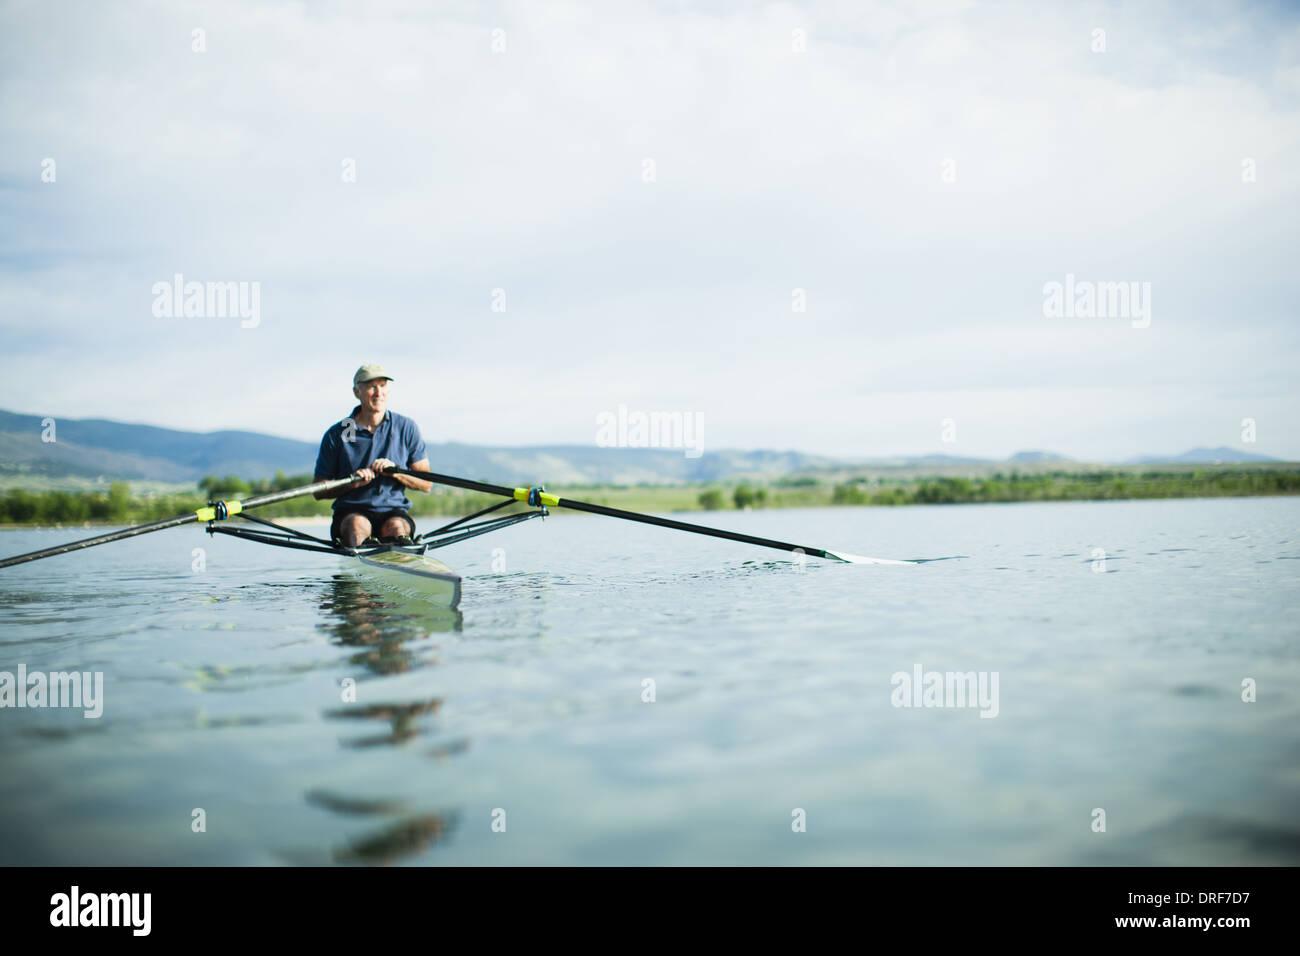 Colorado USA homme en bateau à rames en utilisant les avirons Photo Stock